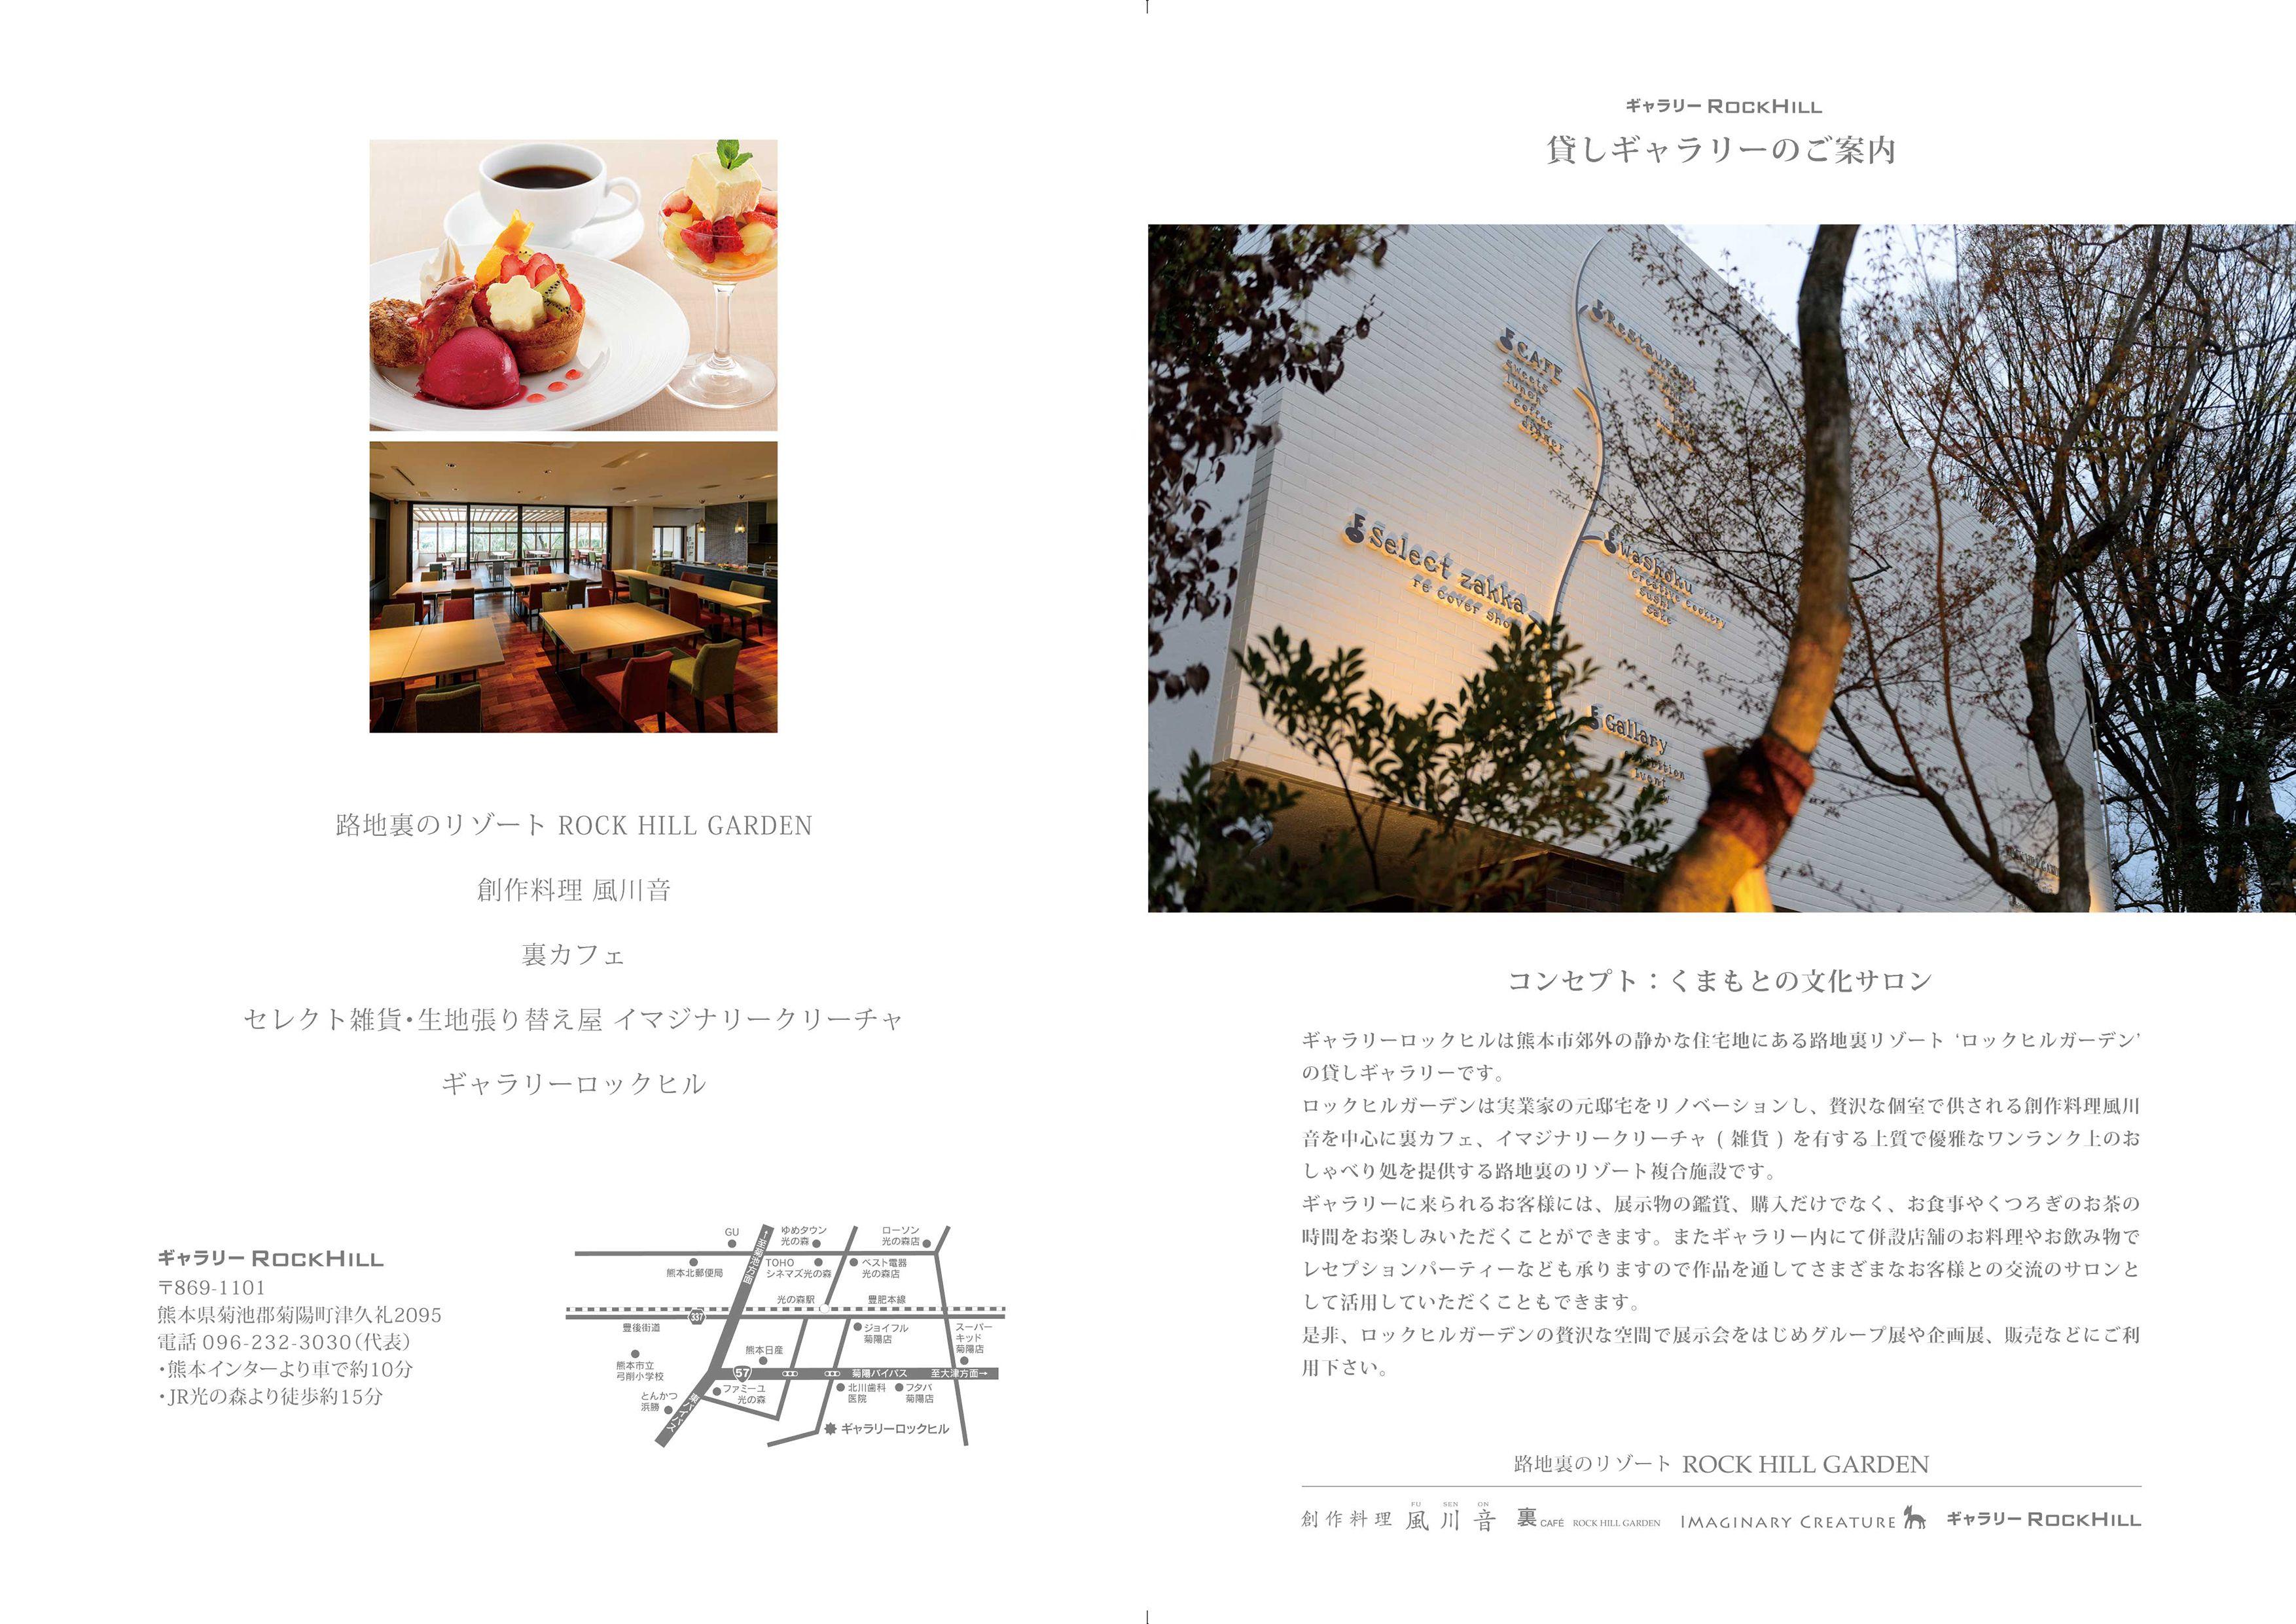 2015年 複合施設 ギャラリー のご案内二つ折りリーフレット 外側面 パンフレット デザイン リーフレット デザイン